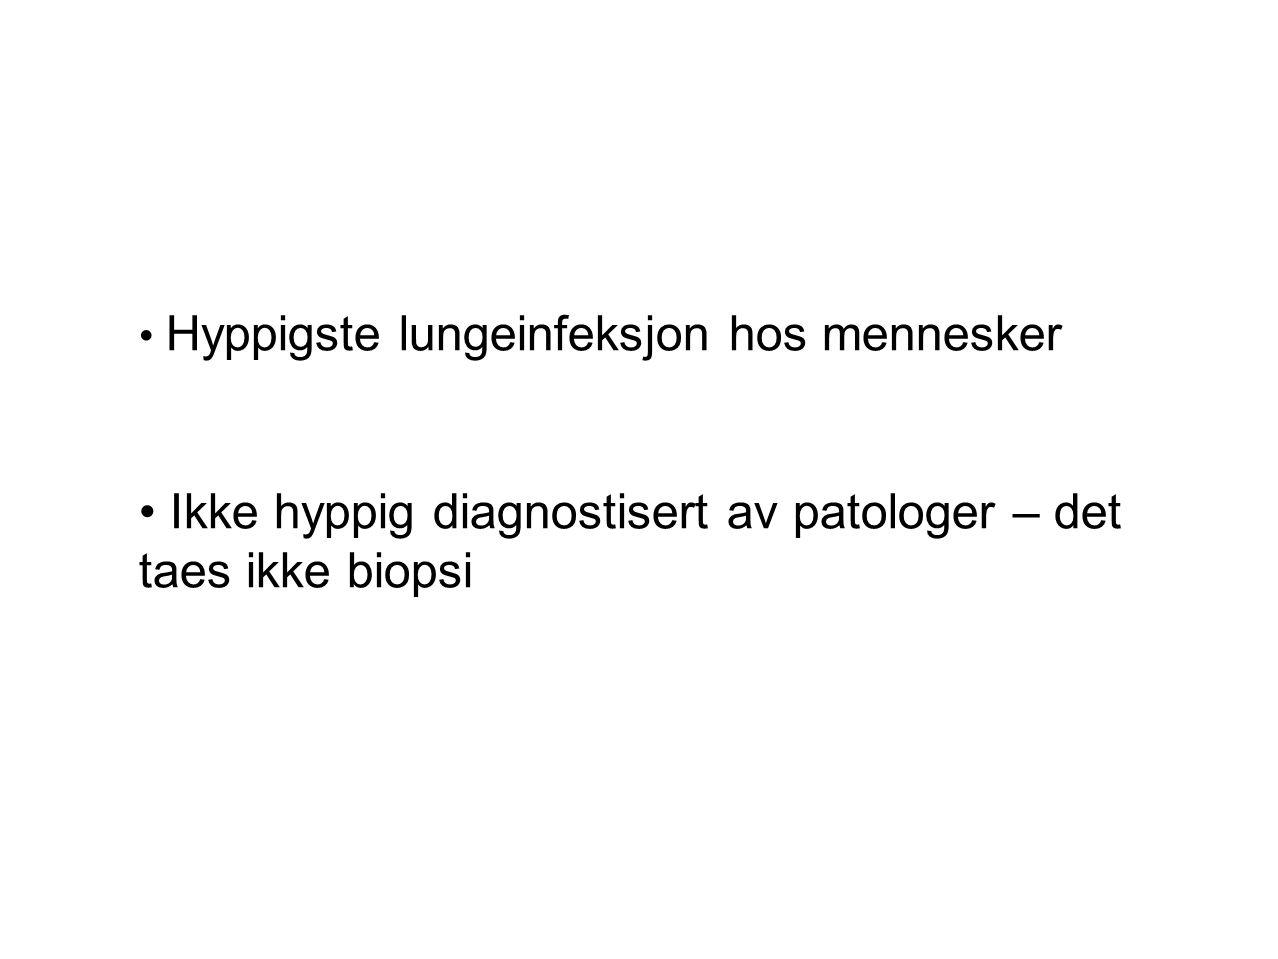 Ikke hyppig diagnostisert av patologer – det taes ikke biopsi